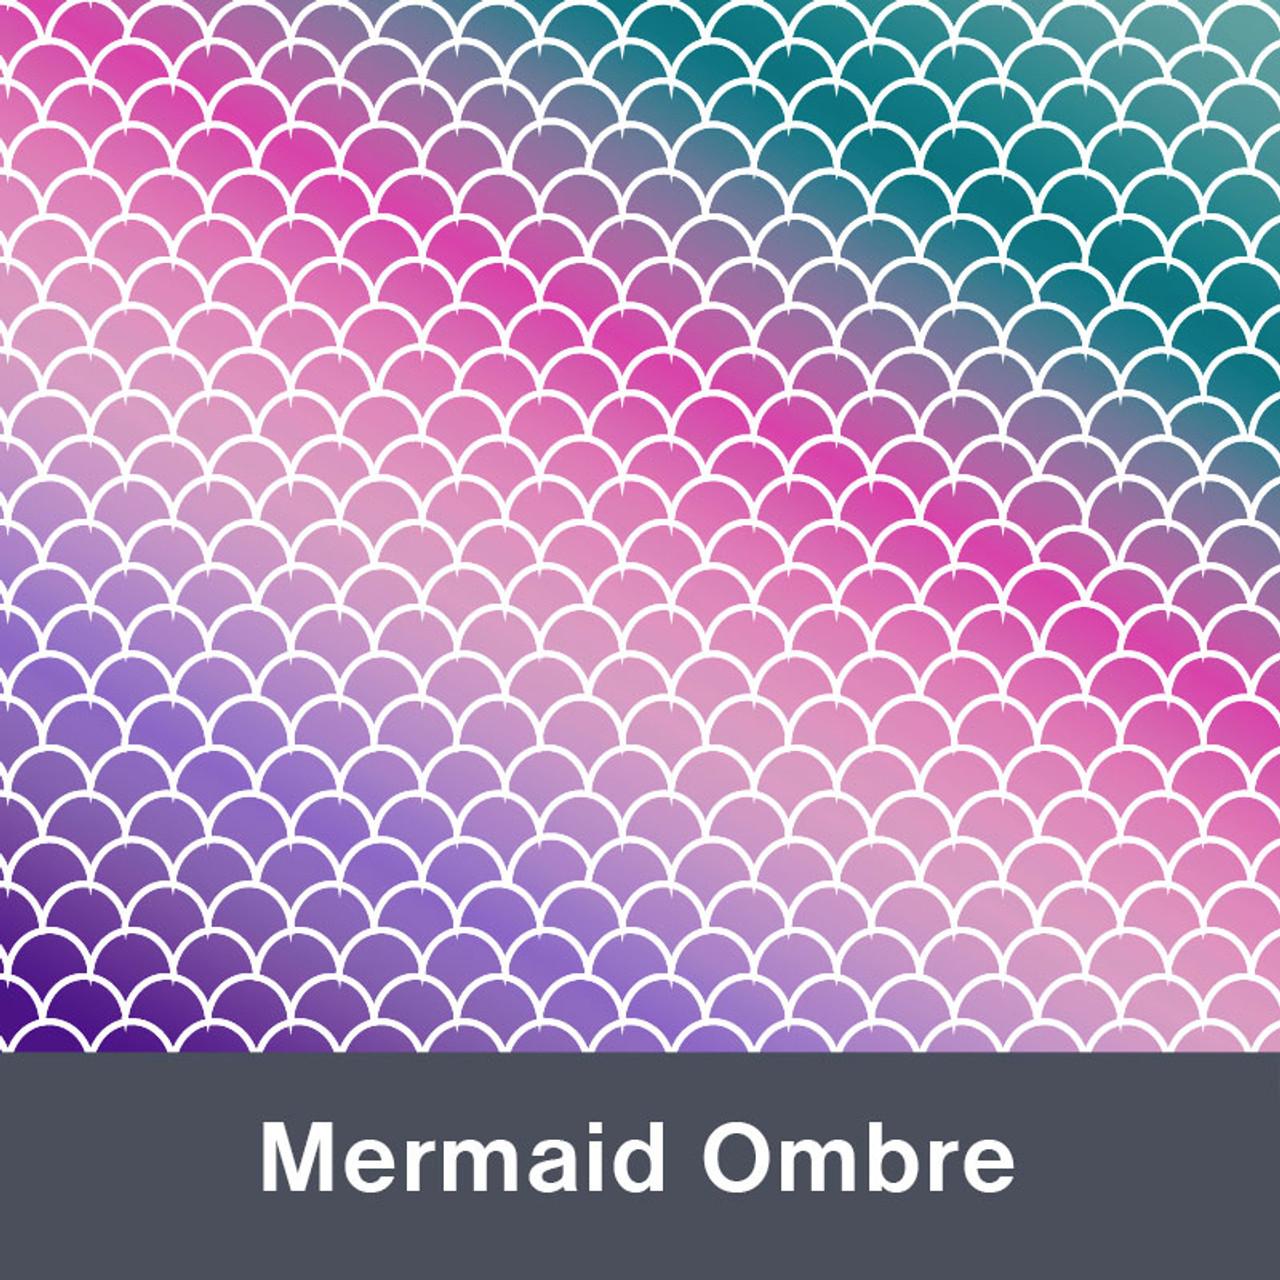 Mermaid Ombre